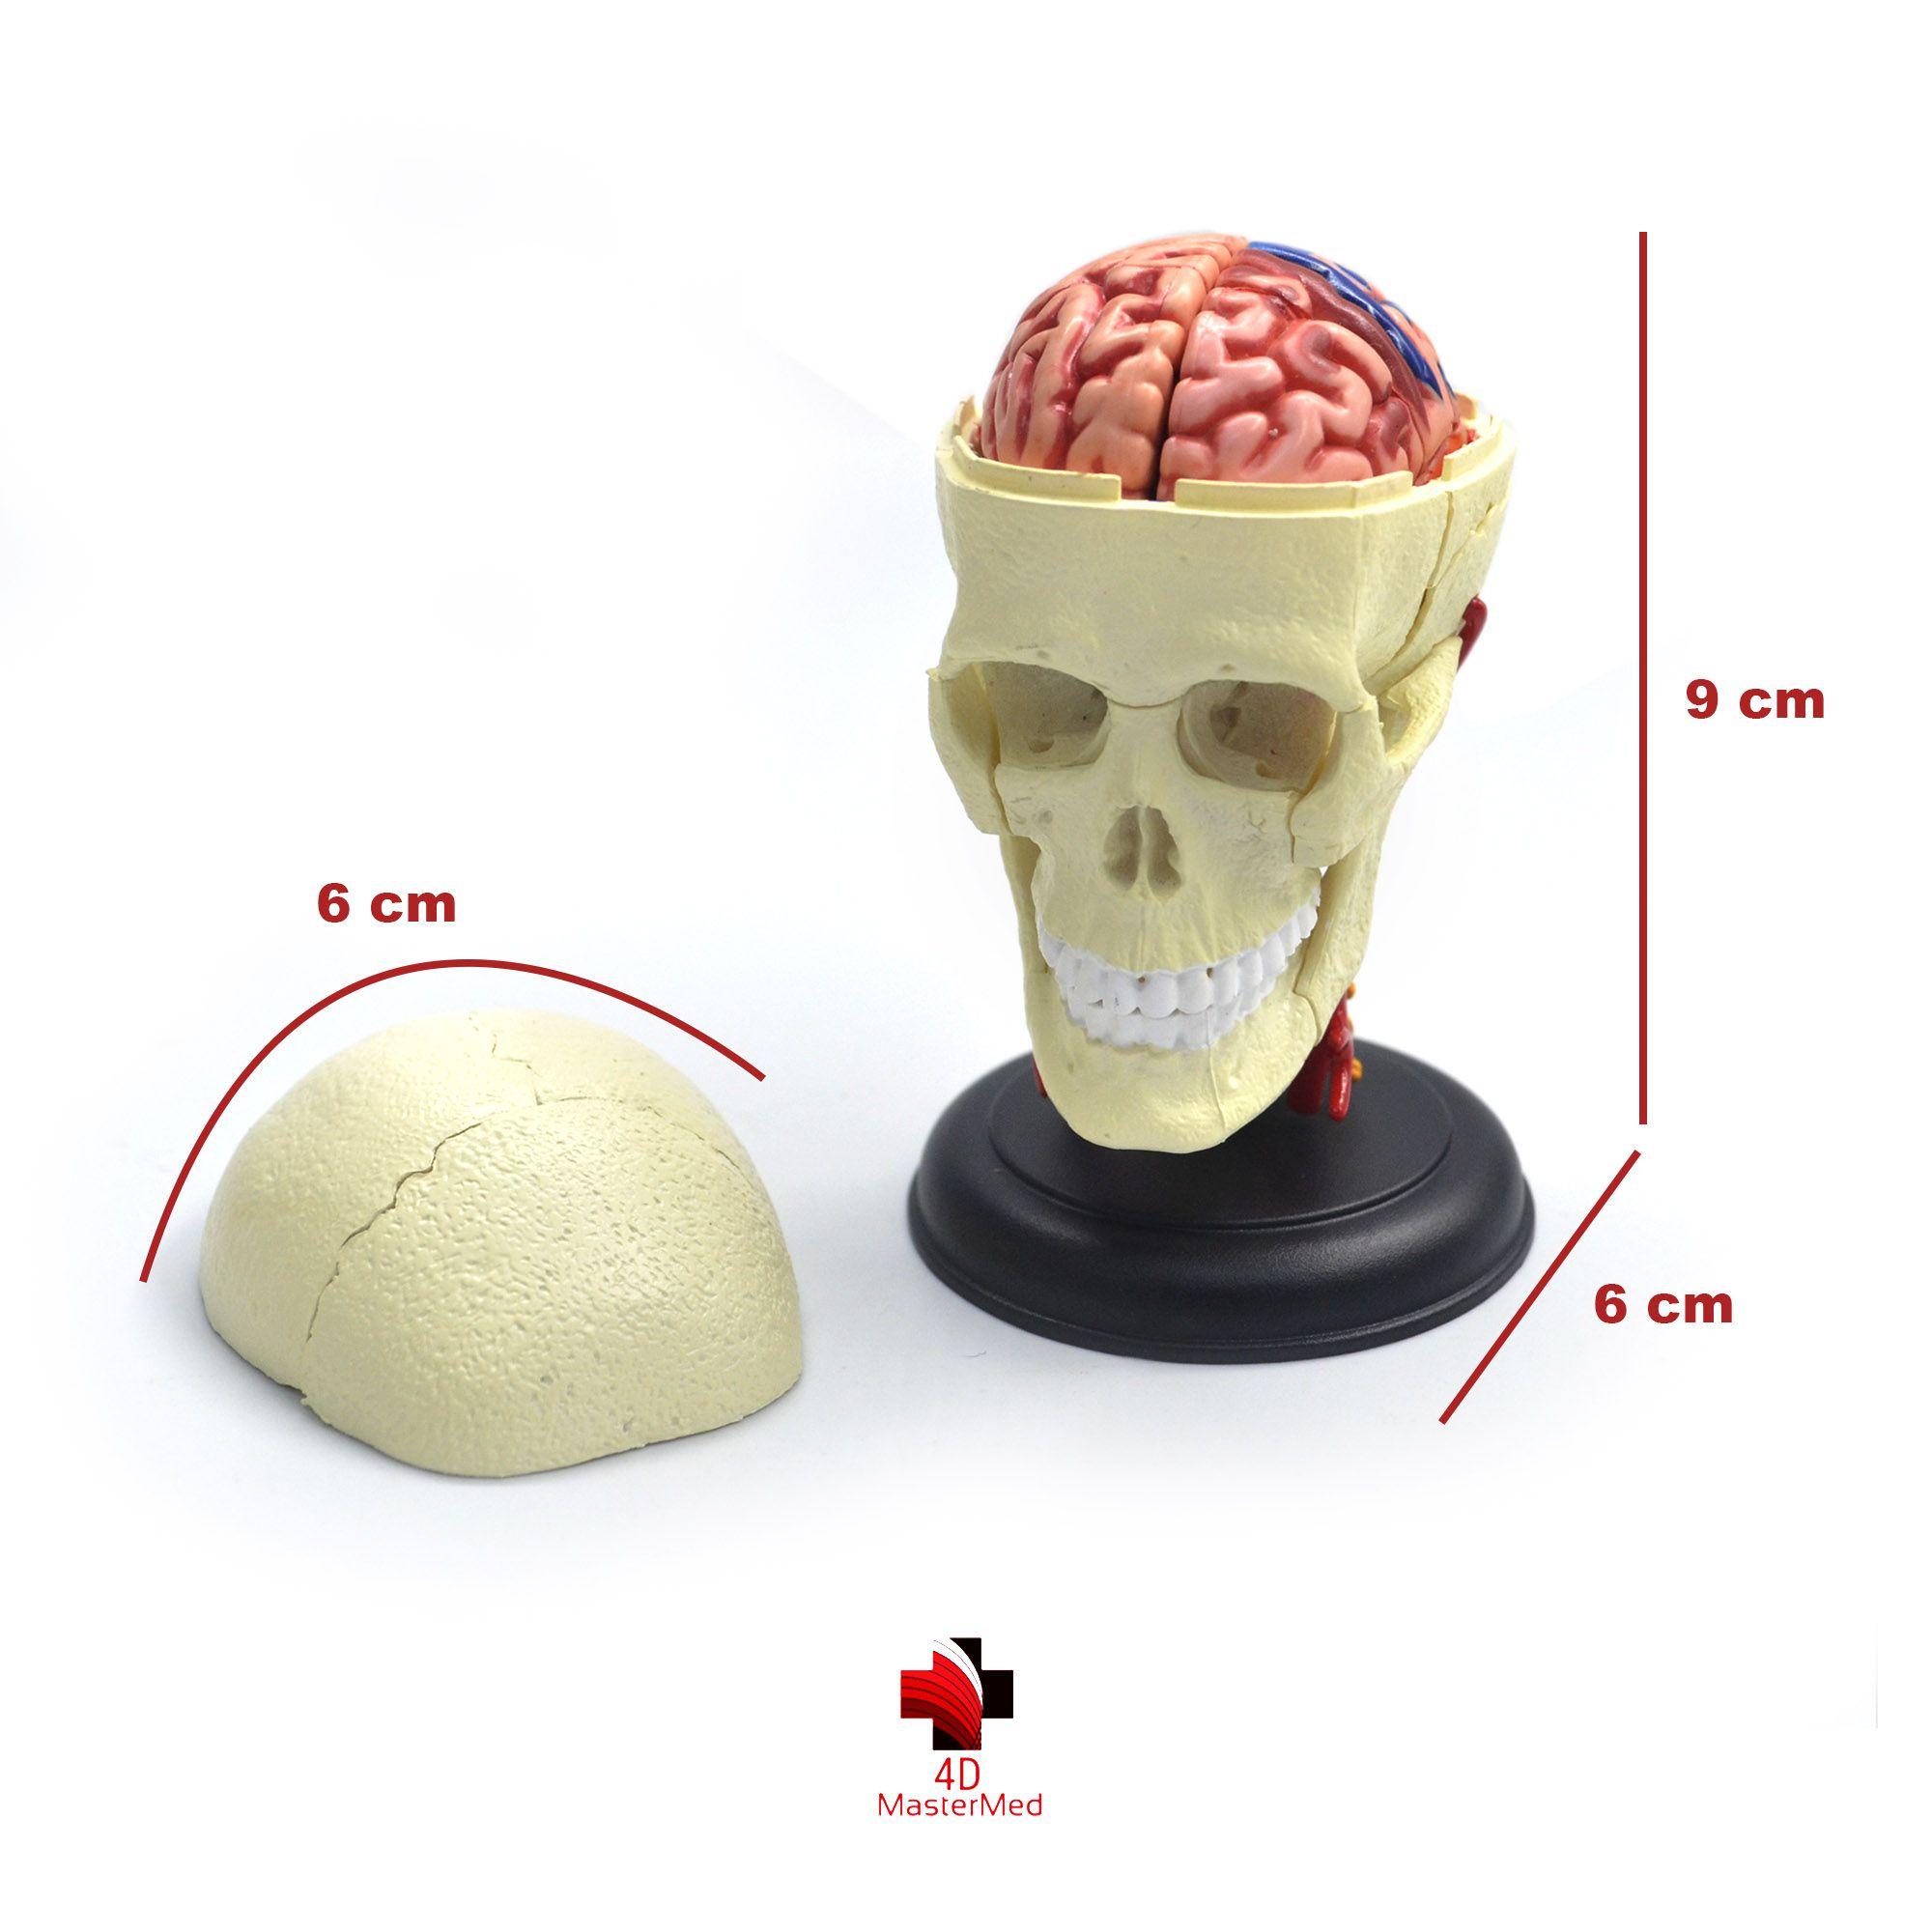 Kit anatomia humana - Crânio e Nervos e Coração